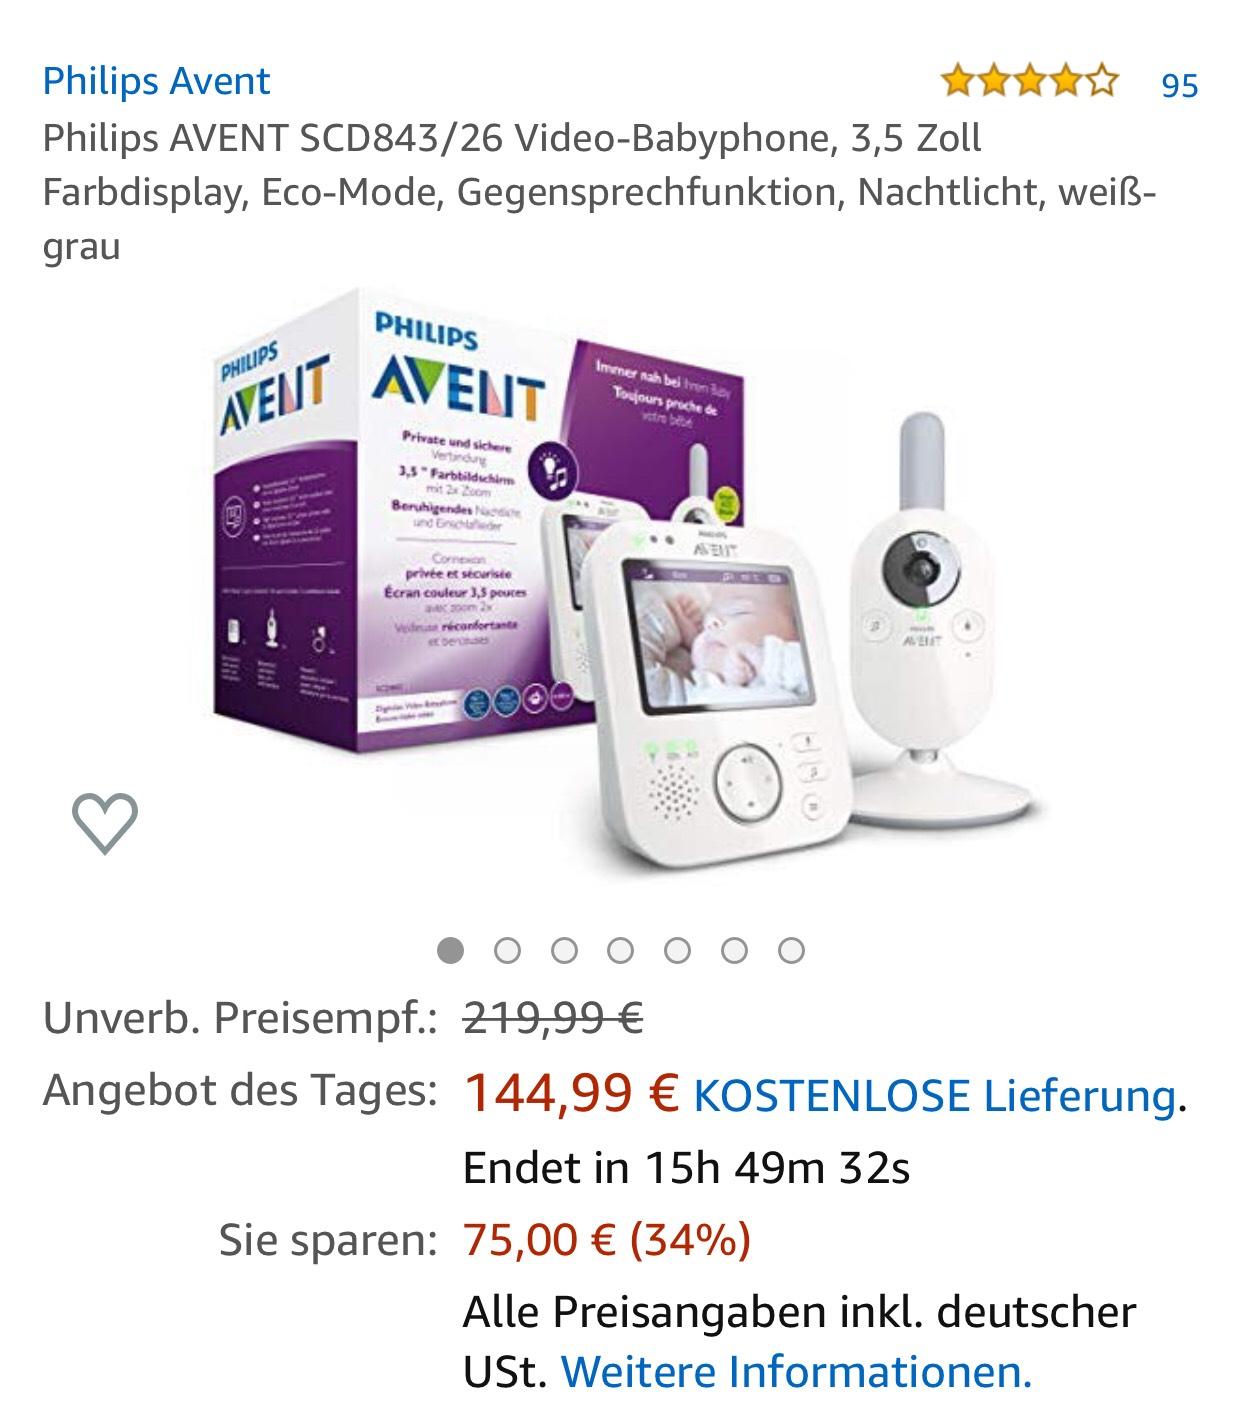 Philips AVENT SCD843/26 Video-Babyphone, 3,5 Zoll Farbdisplay, Eco-Mode, Gegensprechfunktion, Nachtlicht, weiß-grau von Amazon.de